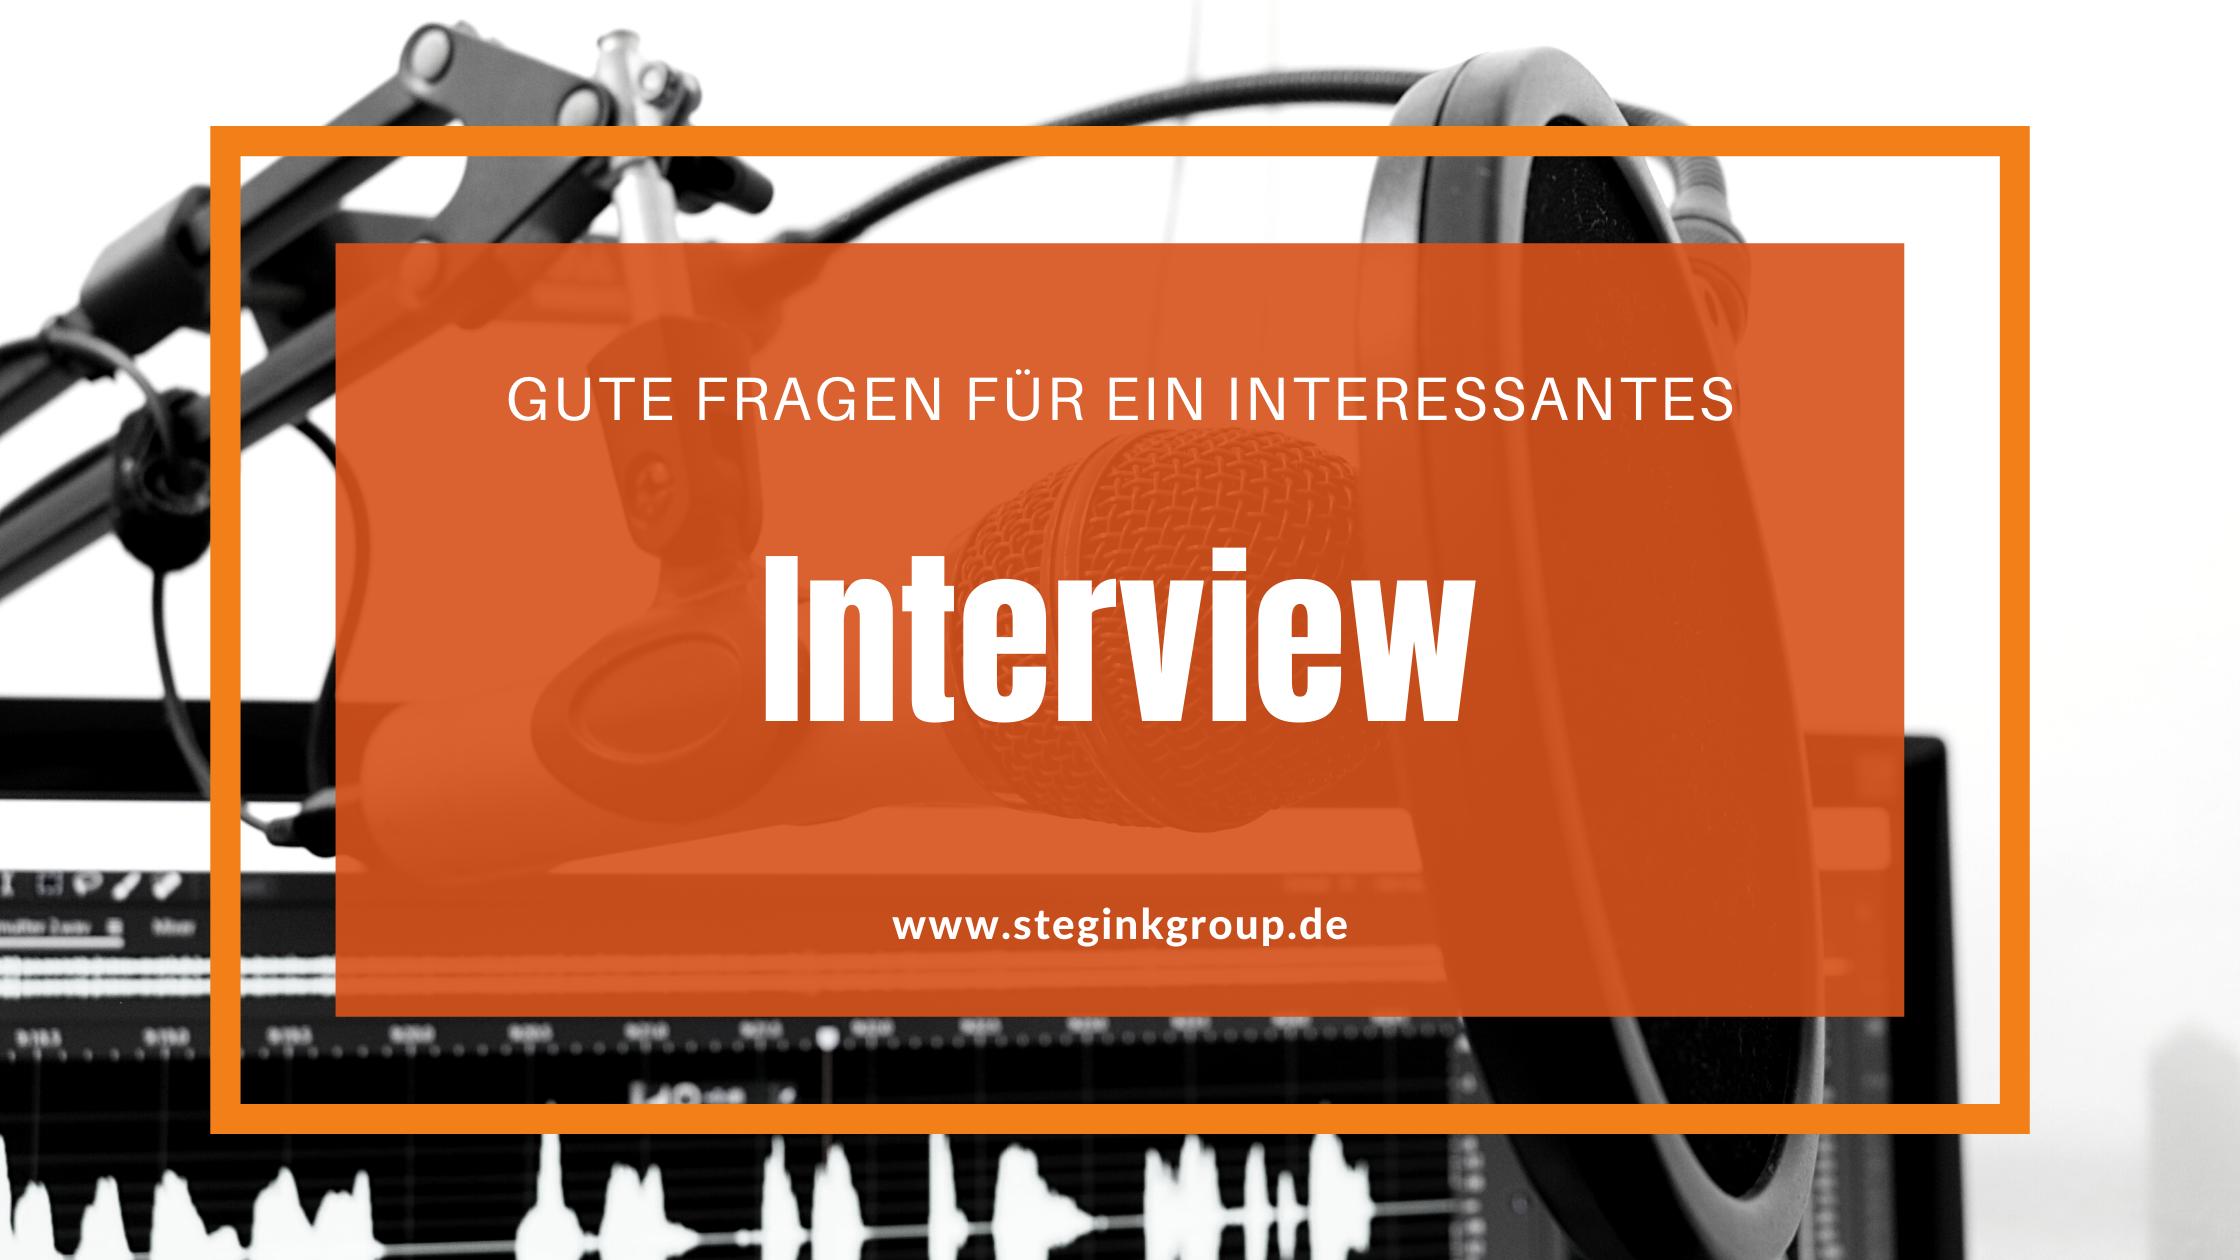 Interview professionell führen